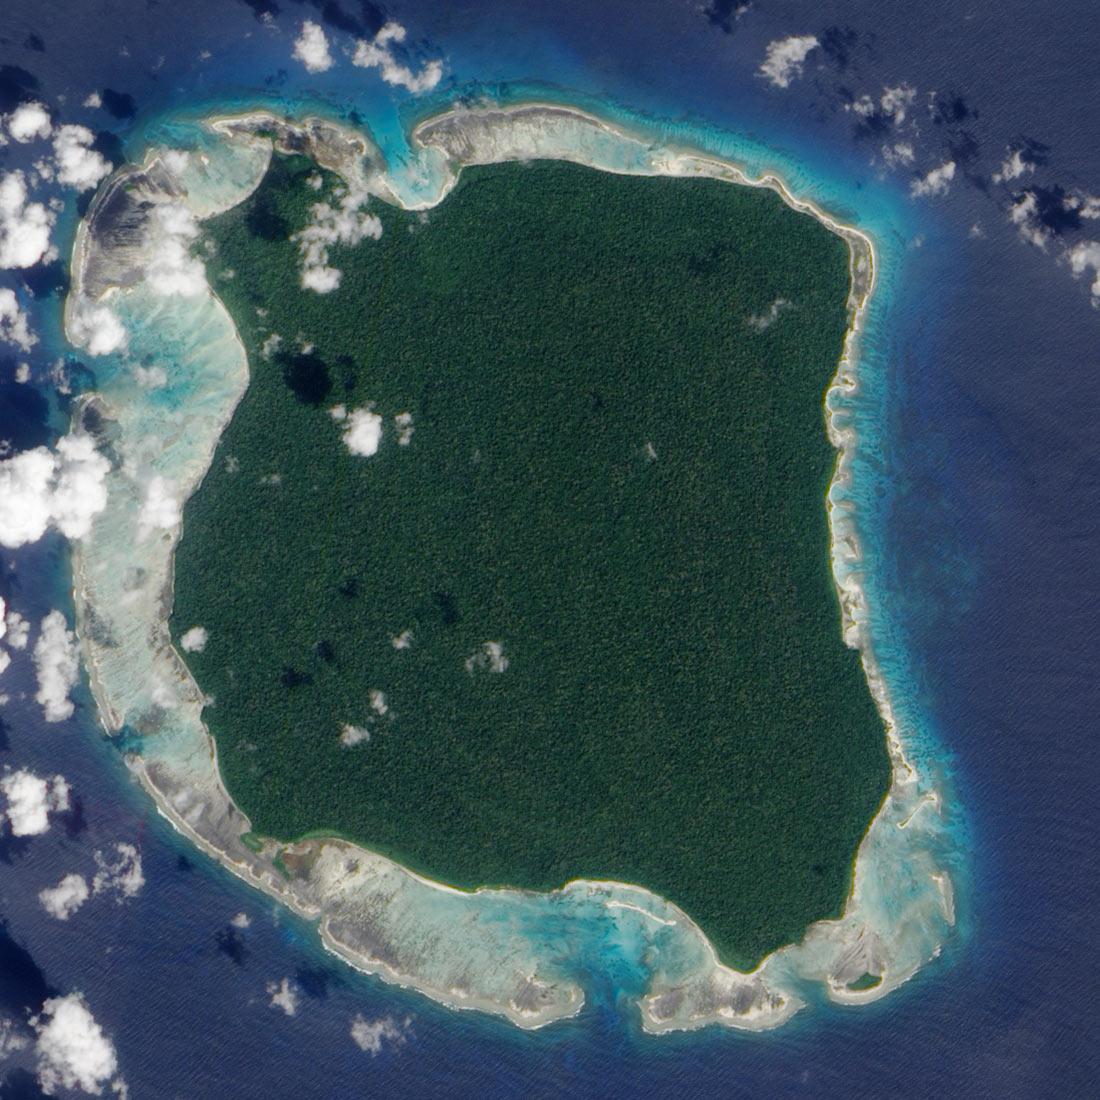 Северный Сентинельский остров: самый опасный райский уголок в мире авиатур